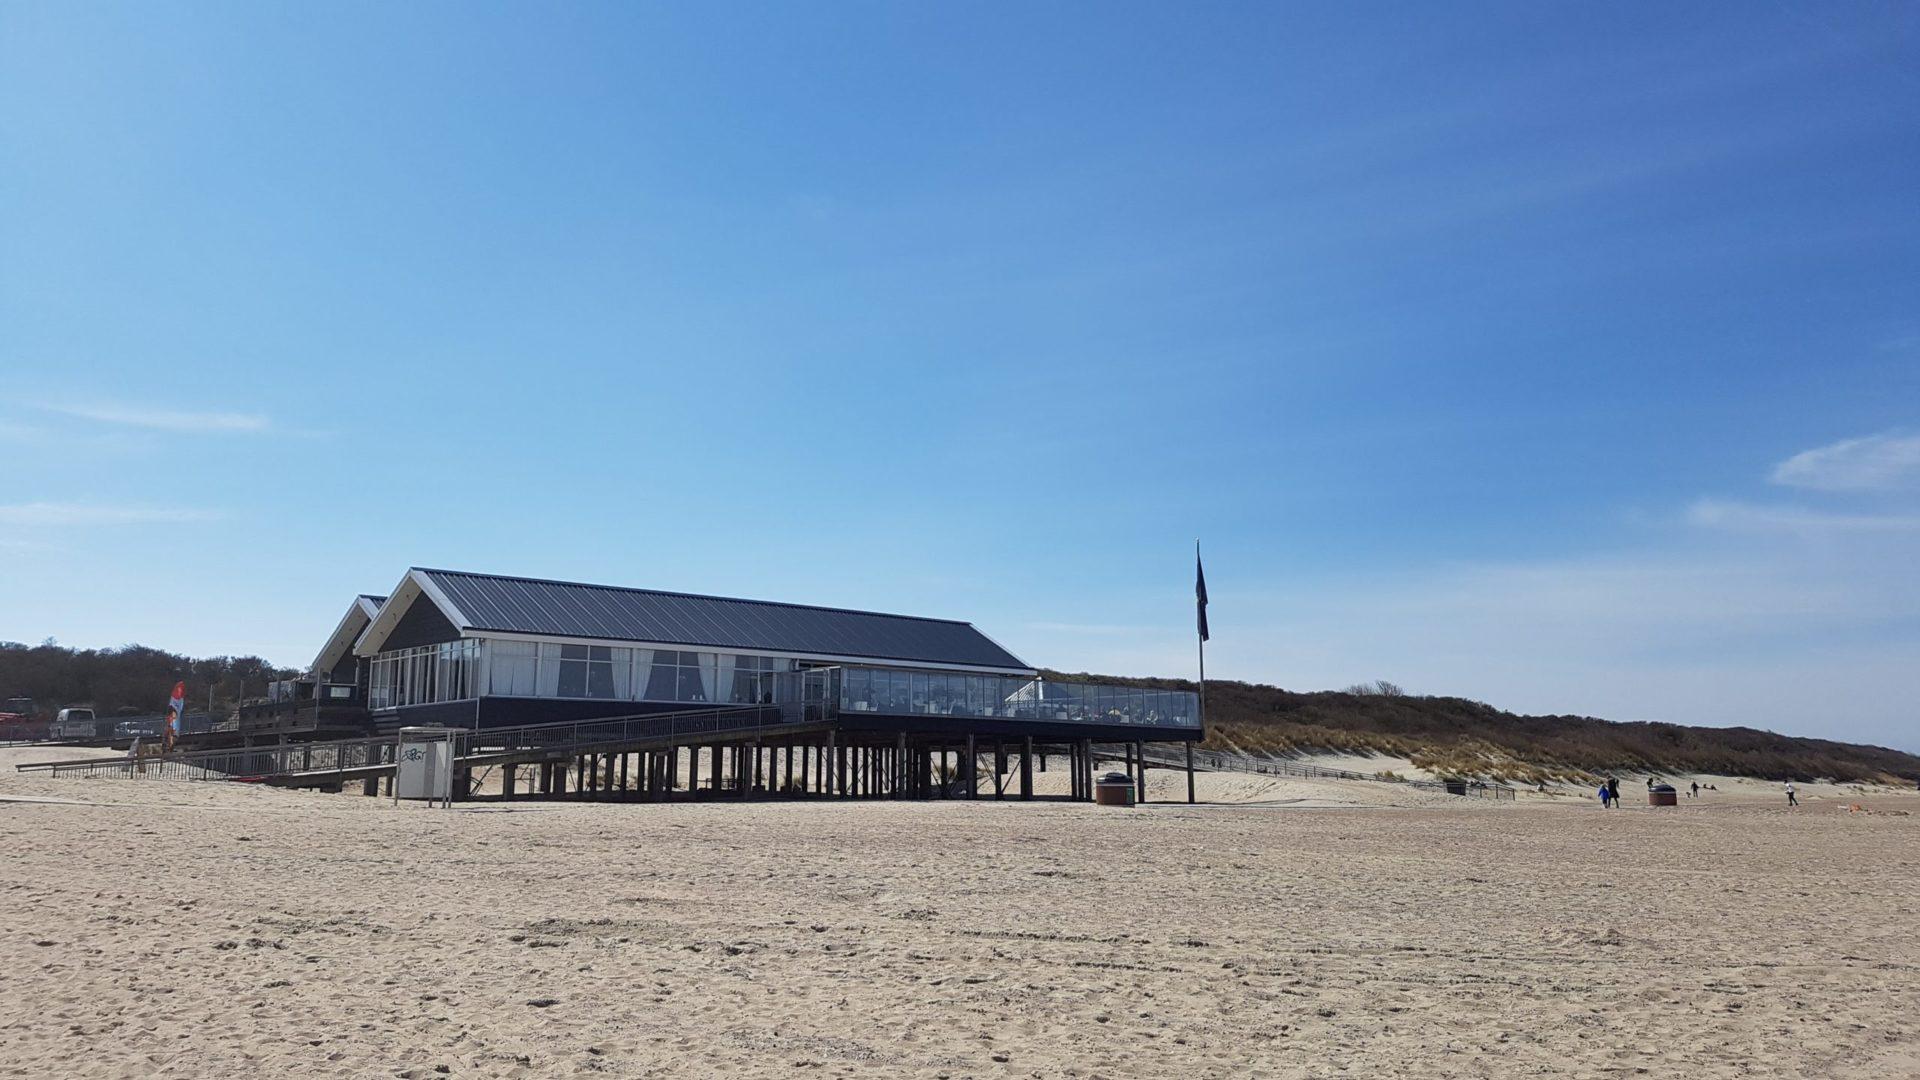 Wassertemperatur Renesse: Strandrestaurant als Pfahlbau am Badestrand nordöstlich von Renesse